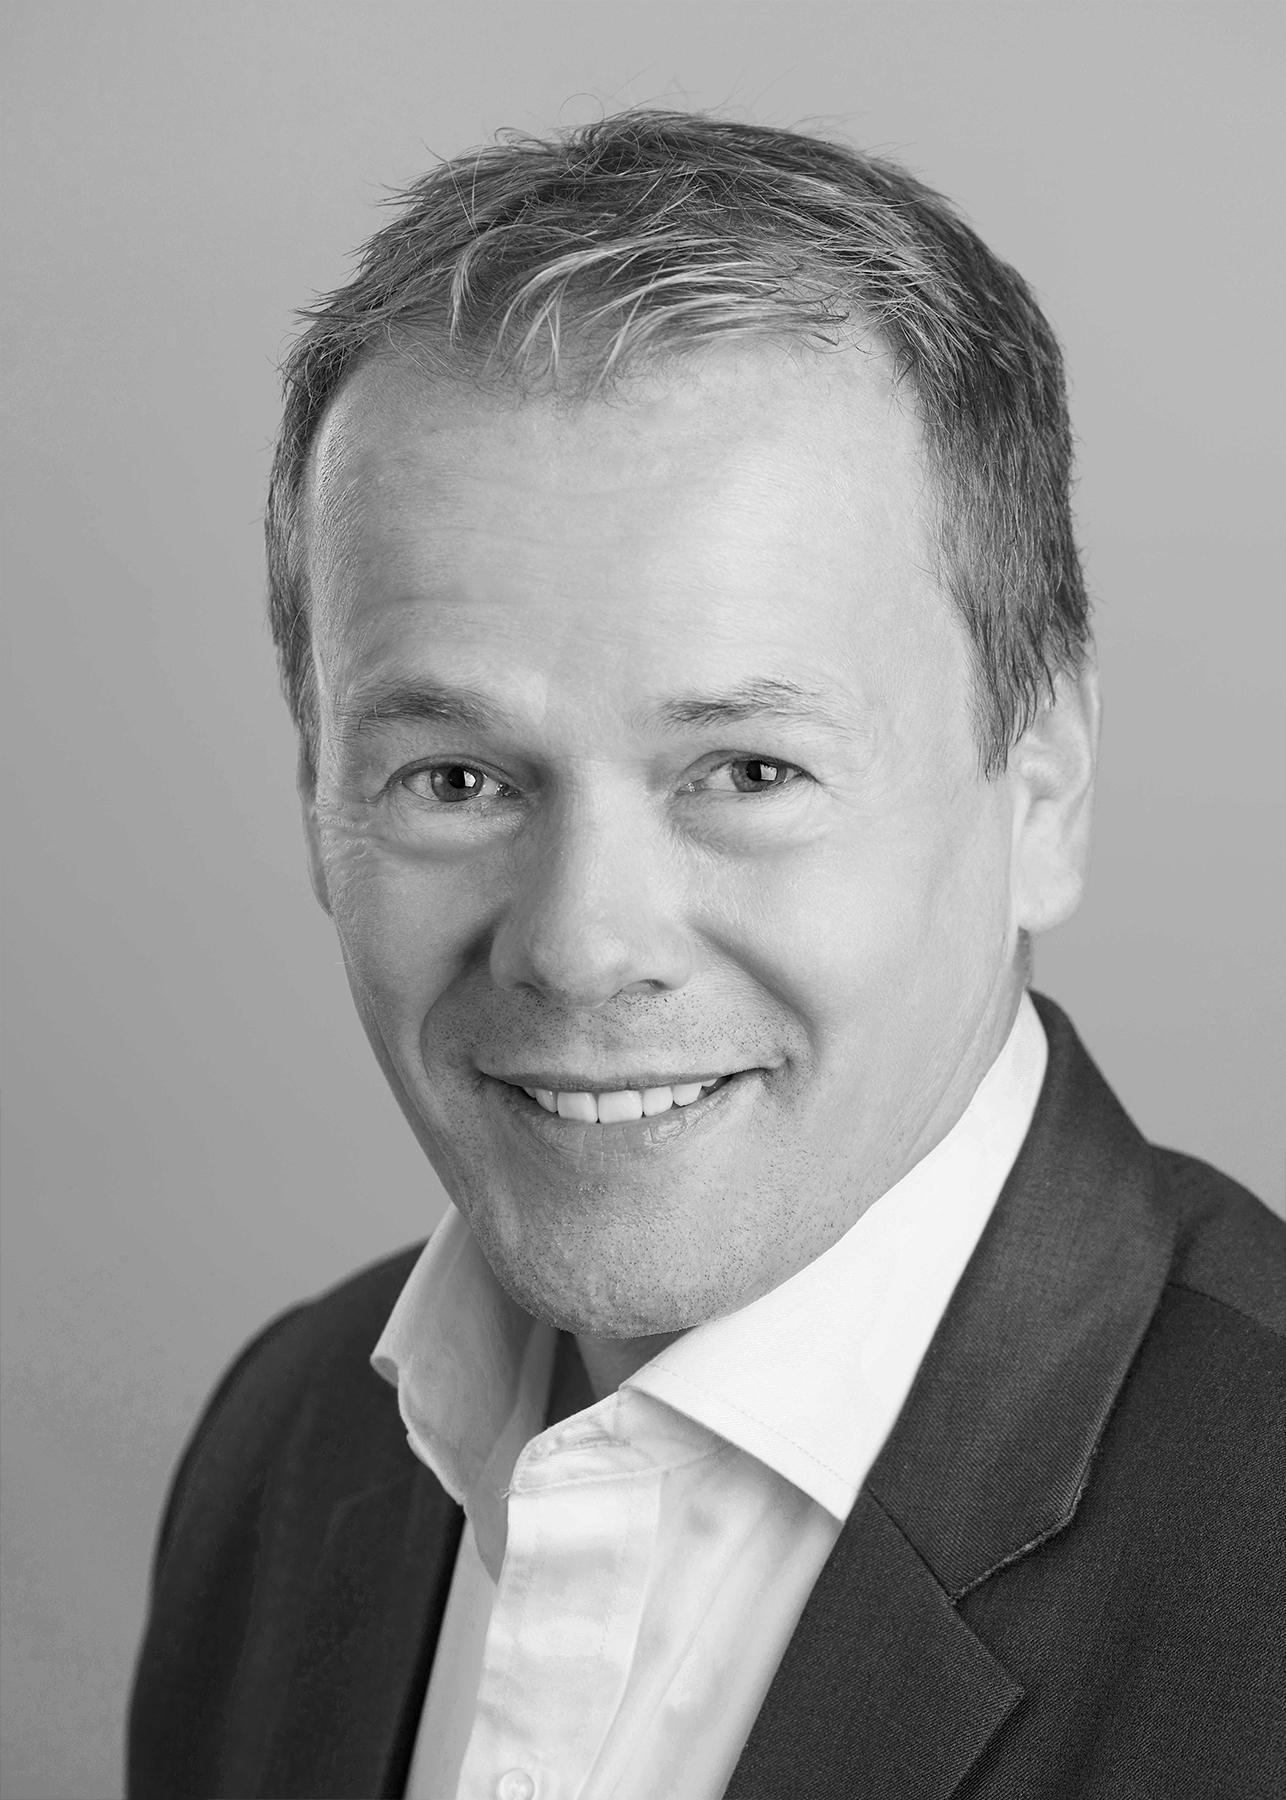 Fredrik Thoring